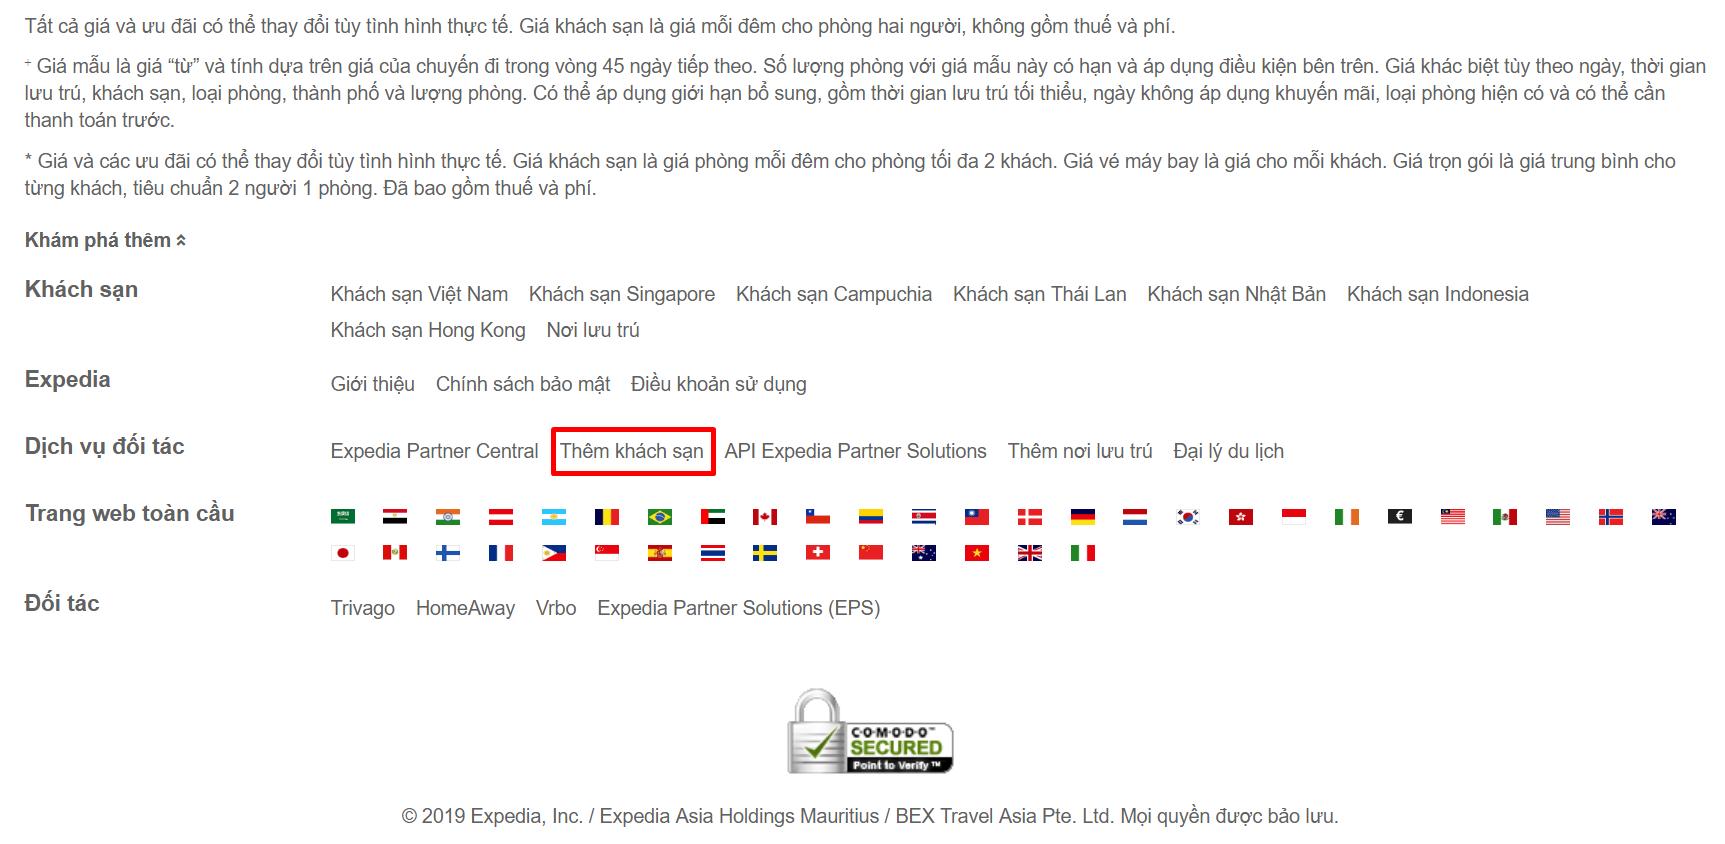 Thêm khách sạn ở Expedia